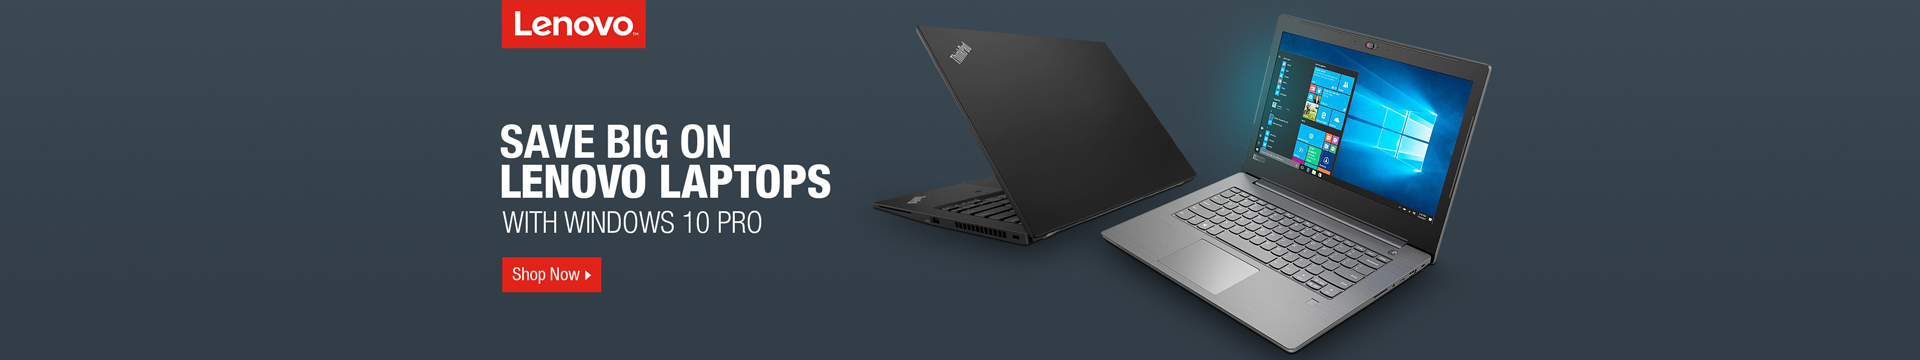 Save Big on Lenovo Laptops